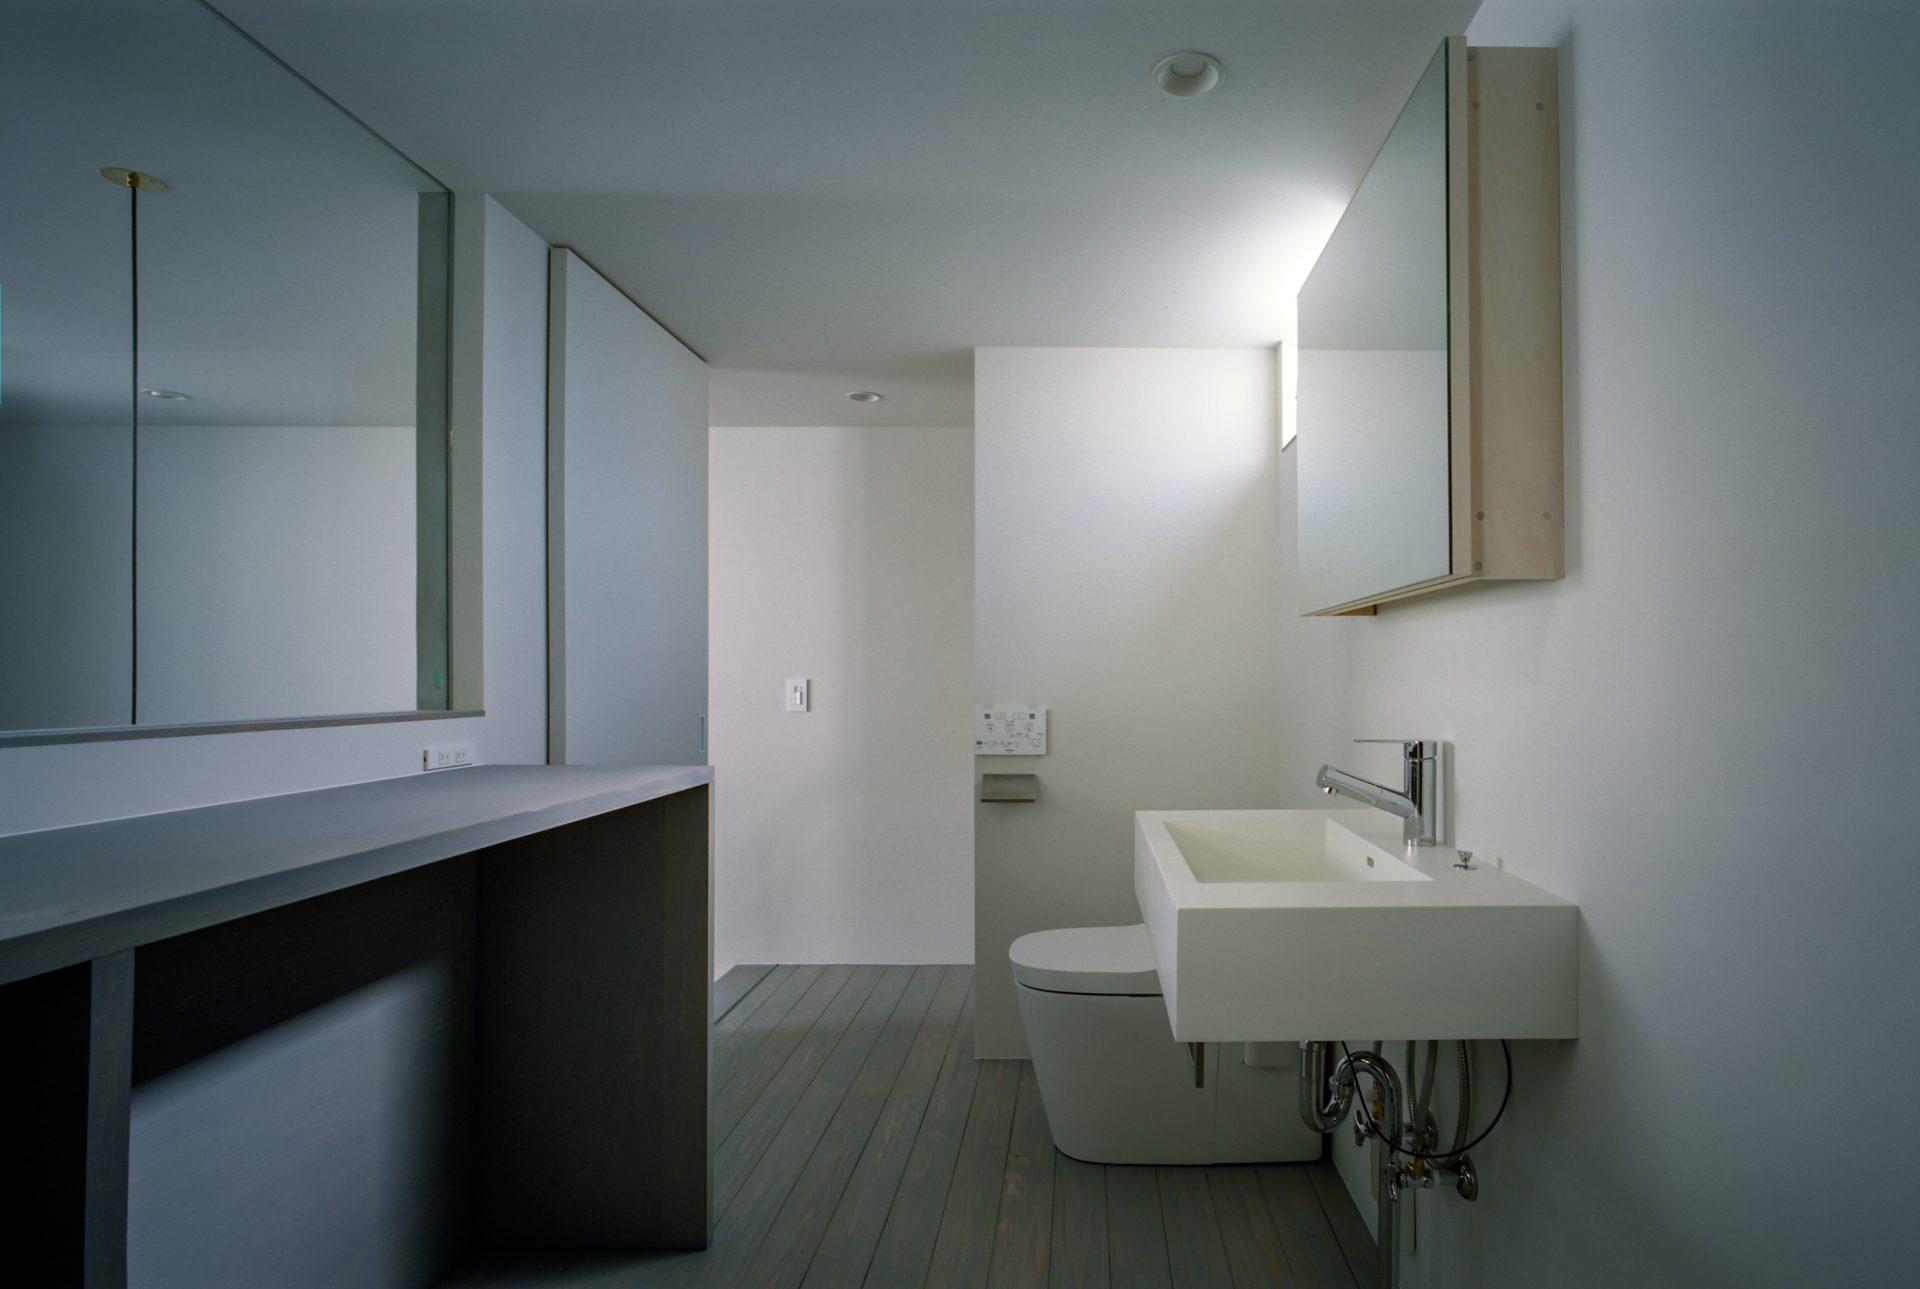 兵庫光のヴォイドのある家の洗面室03